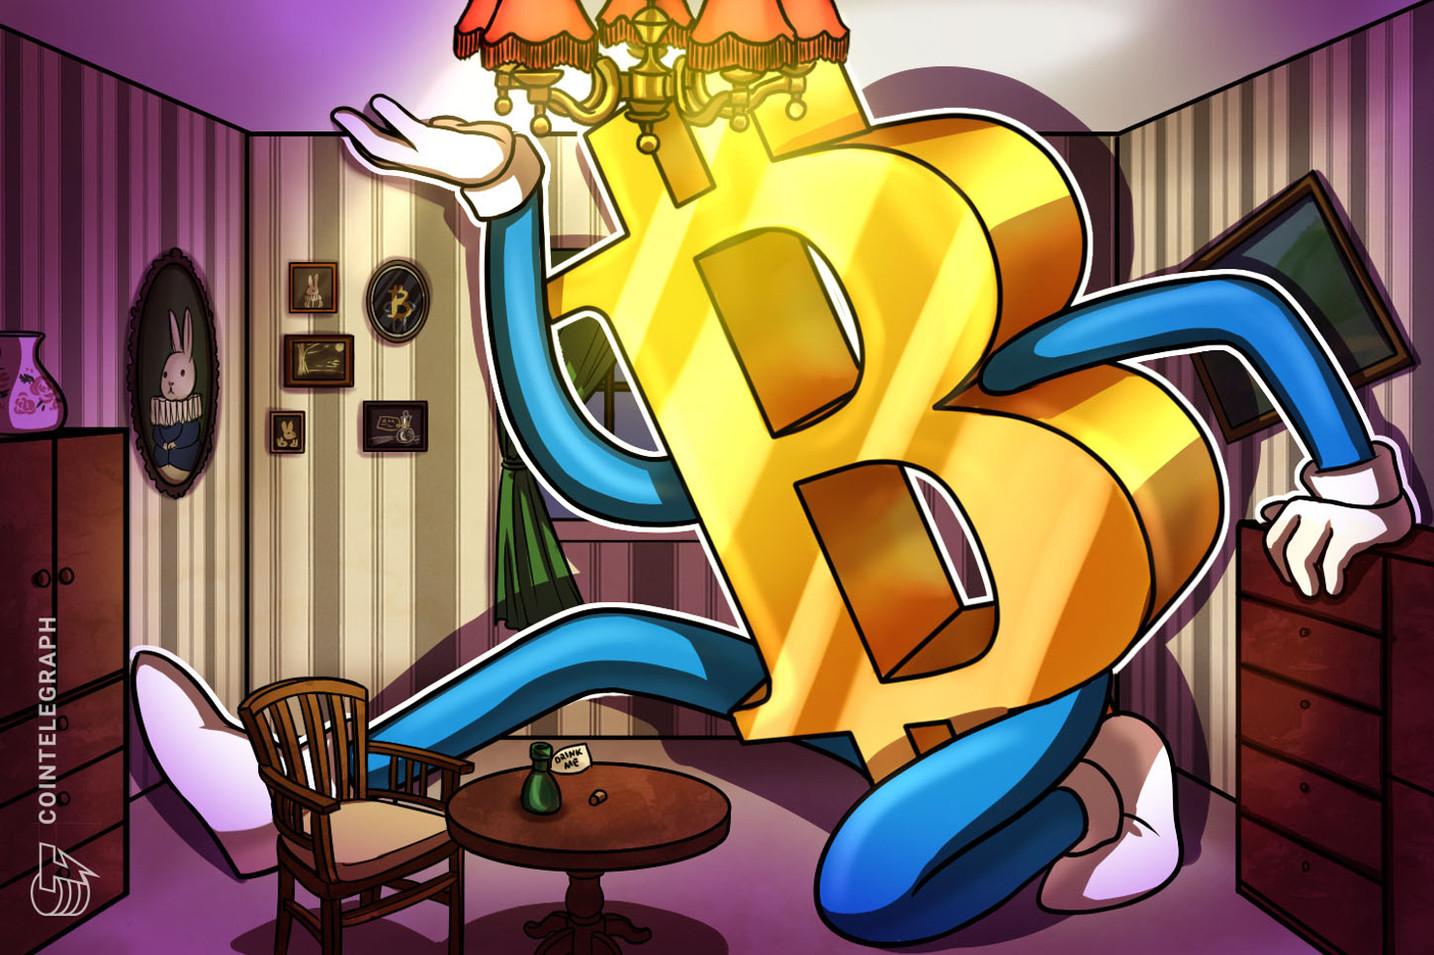 Bitcoin debe romper la 'resistencia monstruosa' de los 10.500 dólares para empezar un rally a los 14.000 dólares, afirma analista.